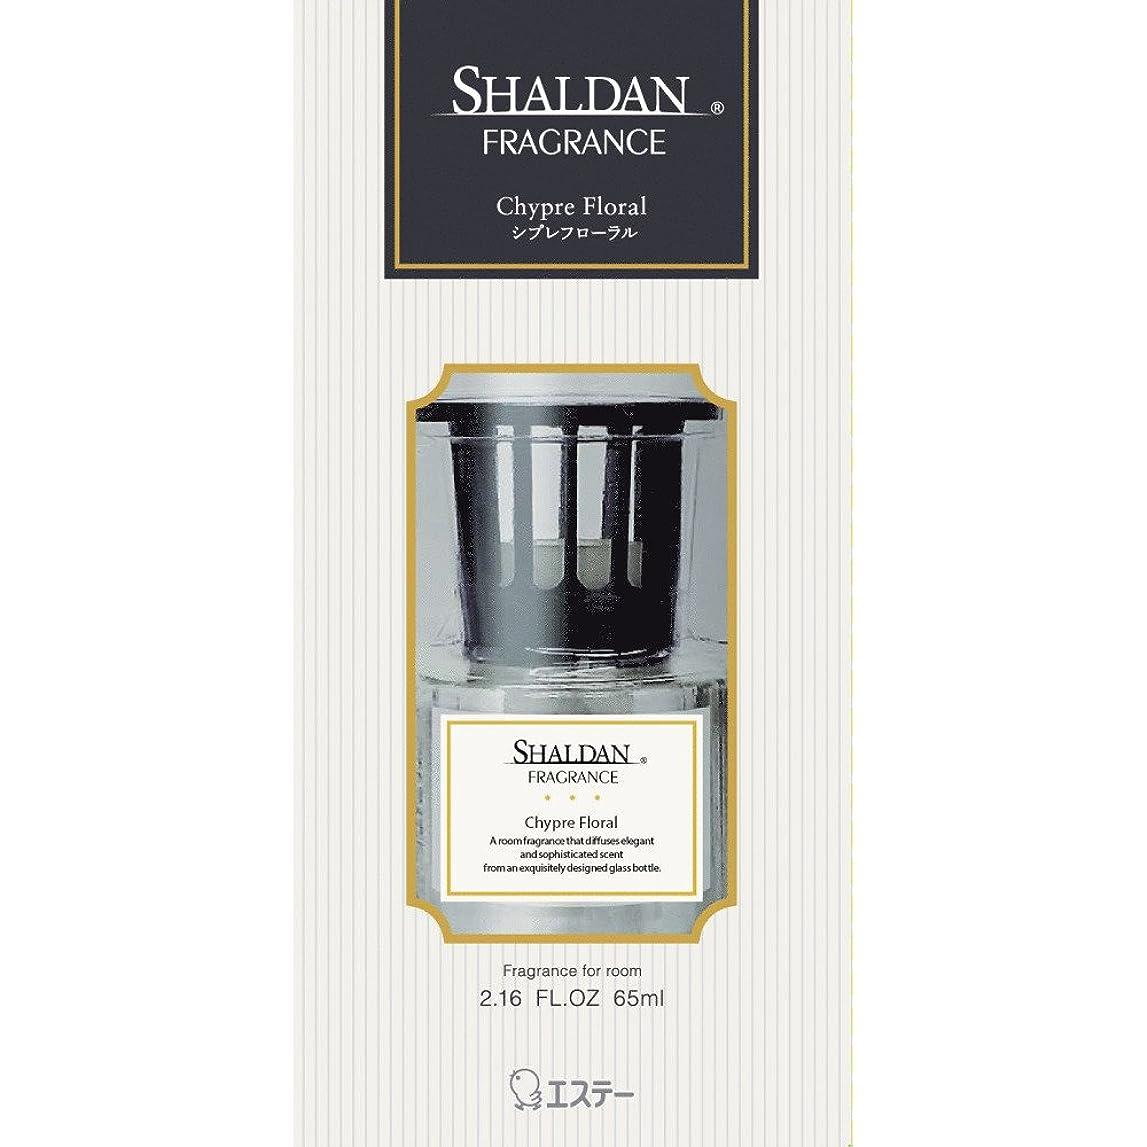 旧正月抹消同情シャルダン SHALDAN フレグランス 消臭芳香剤 部屋用 本体 シプレフローラル 65ml